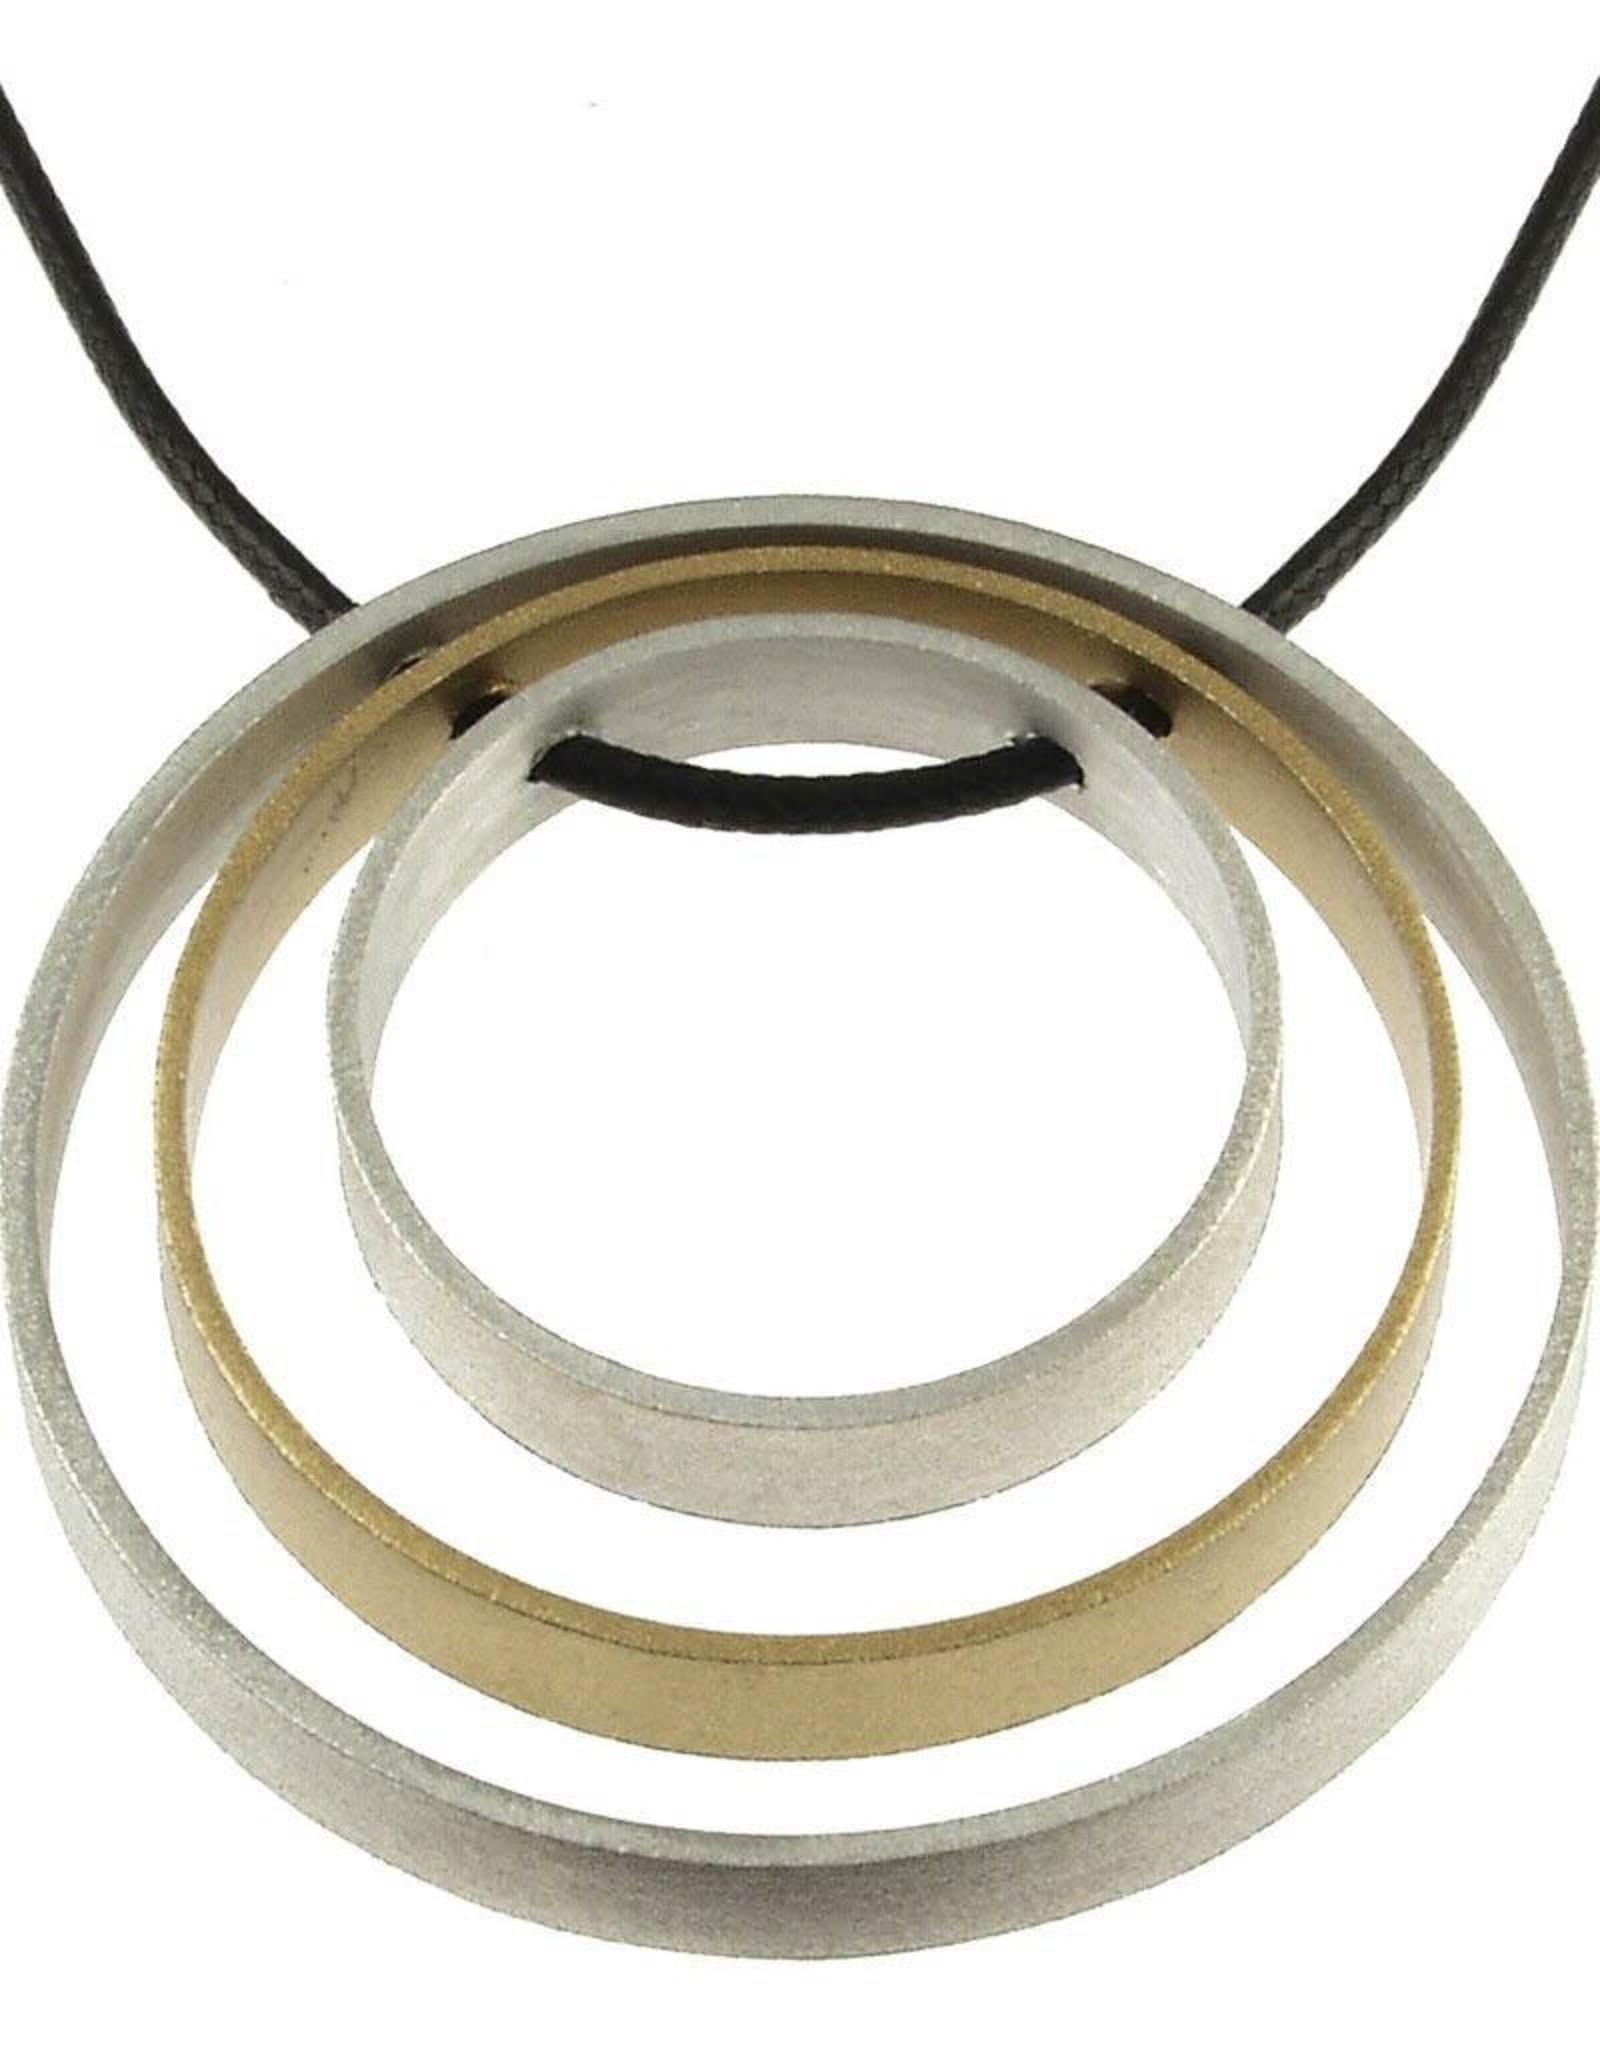 ORIGIN 3 Tubes Necklace